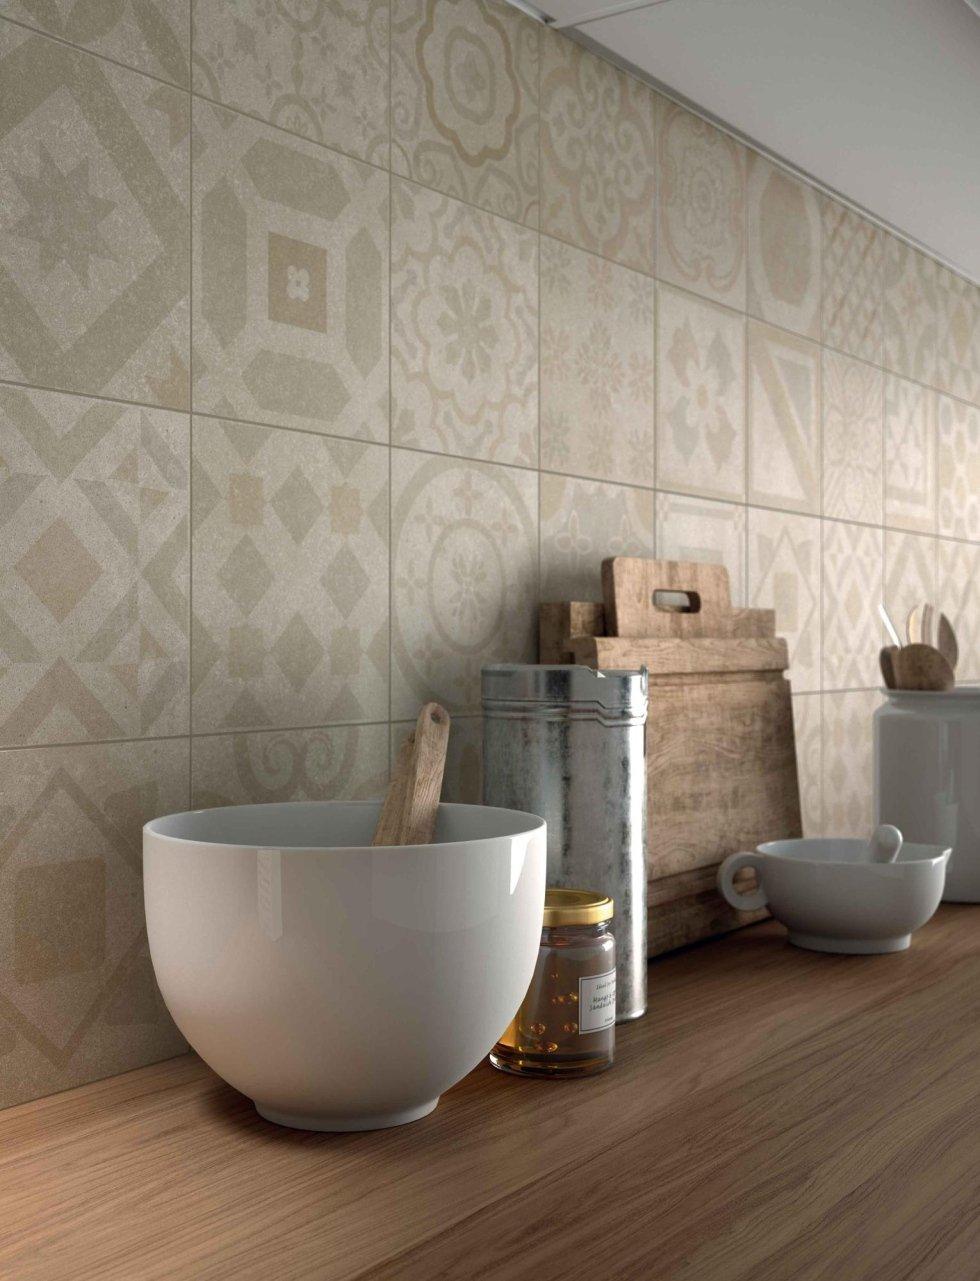 Piastrelle per cucina asti tralli marmi ceramiche - Rivestimento adesivo per piastrelle cucina ...